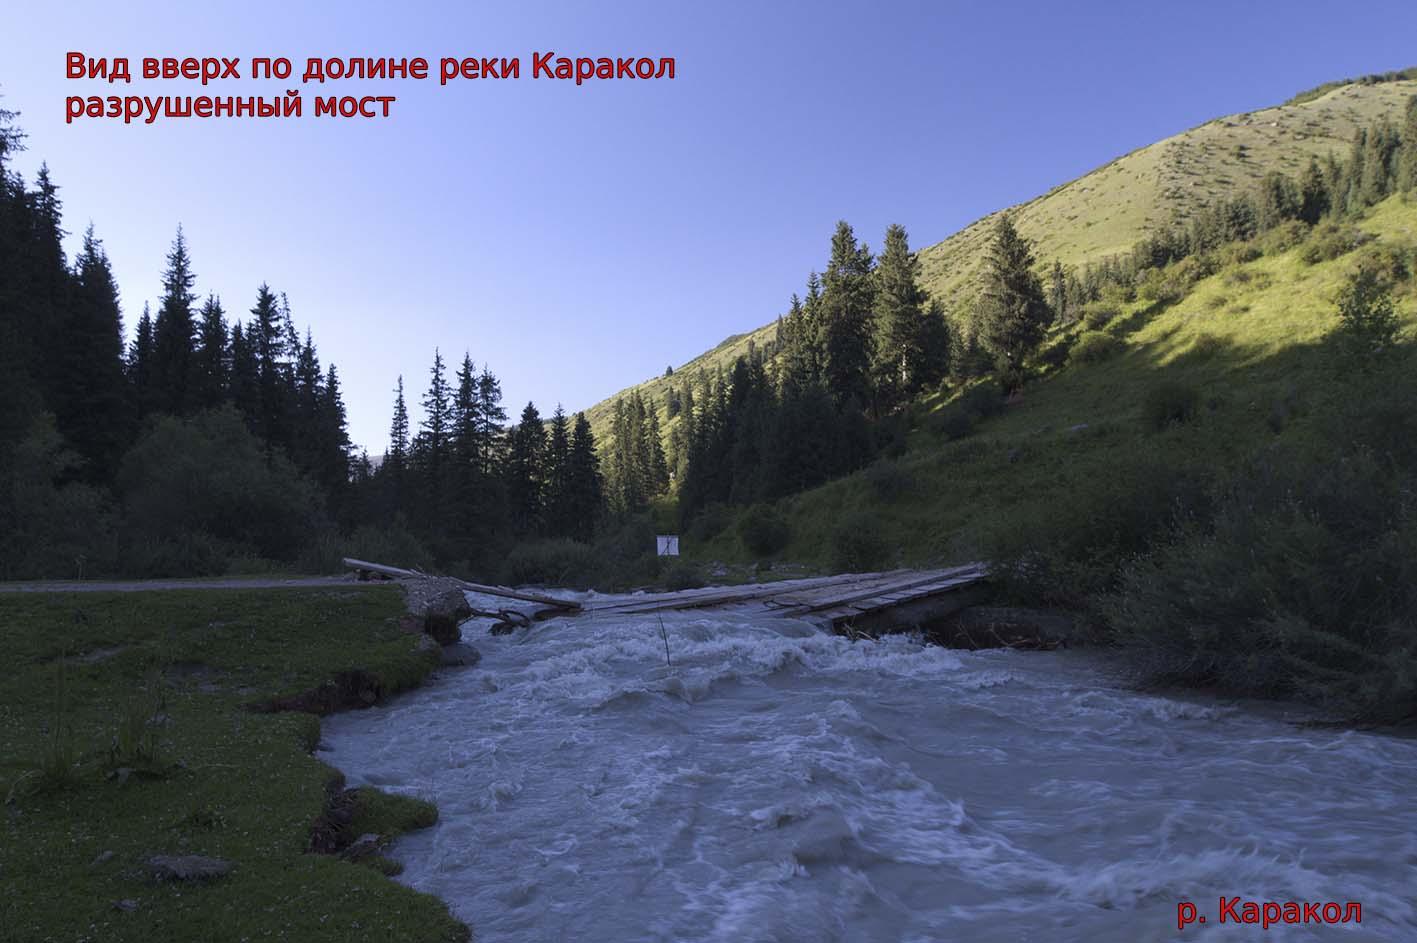 Разрушенный мост на реке Каракол. Начало и конец маршрута.